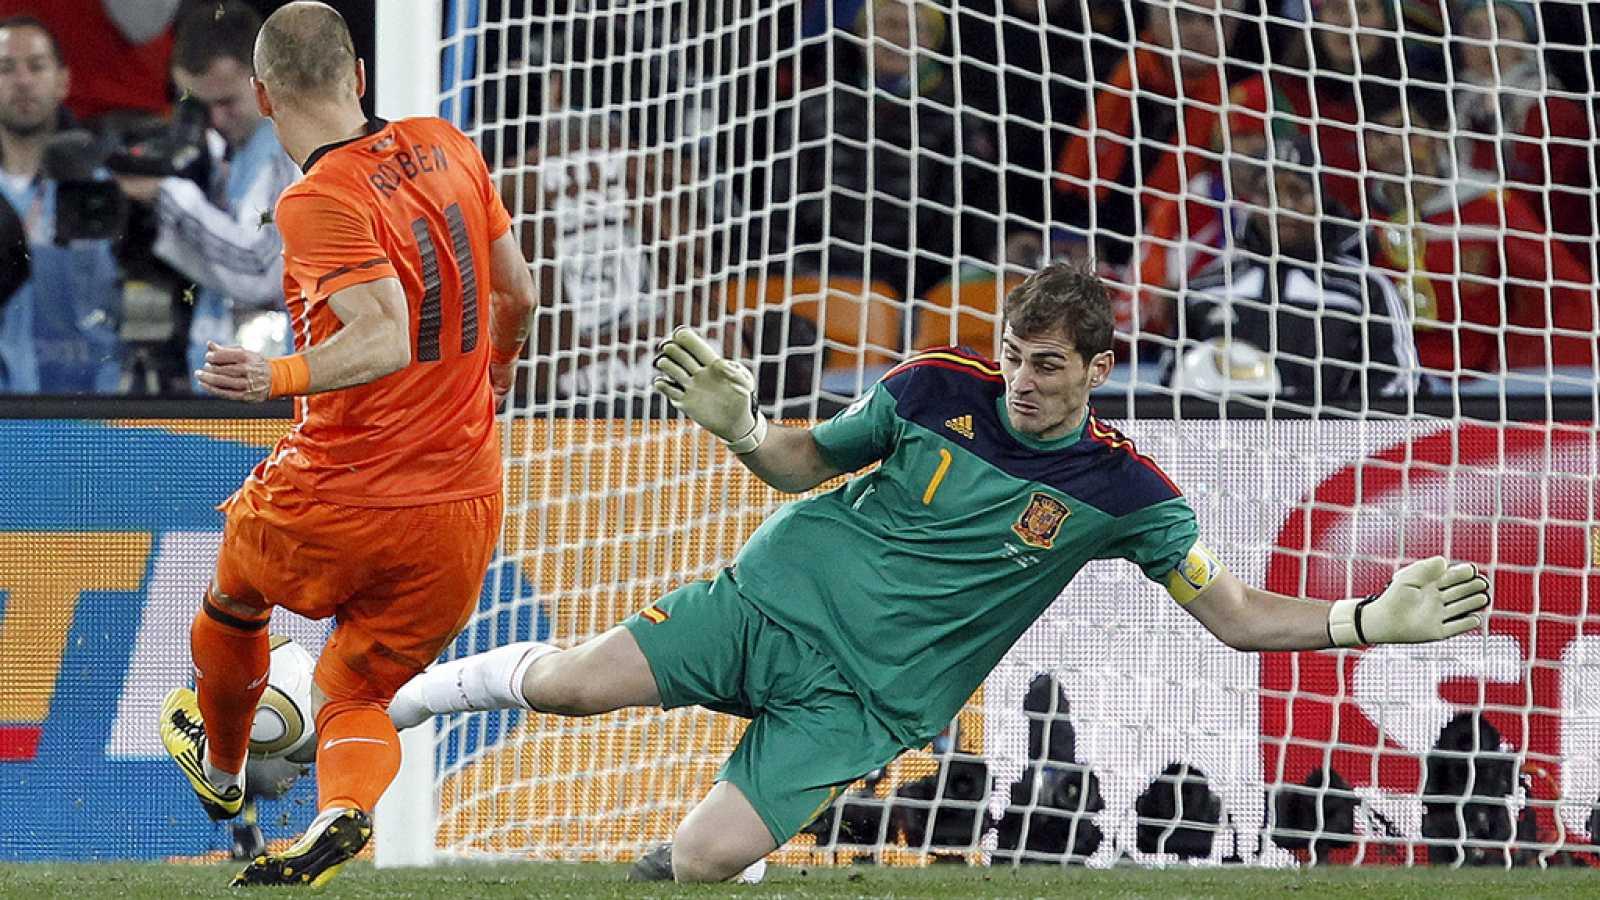 Fútbol - Telediario. Iker Casillas anuncia su retirada del fútbol - VER AHORA.